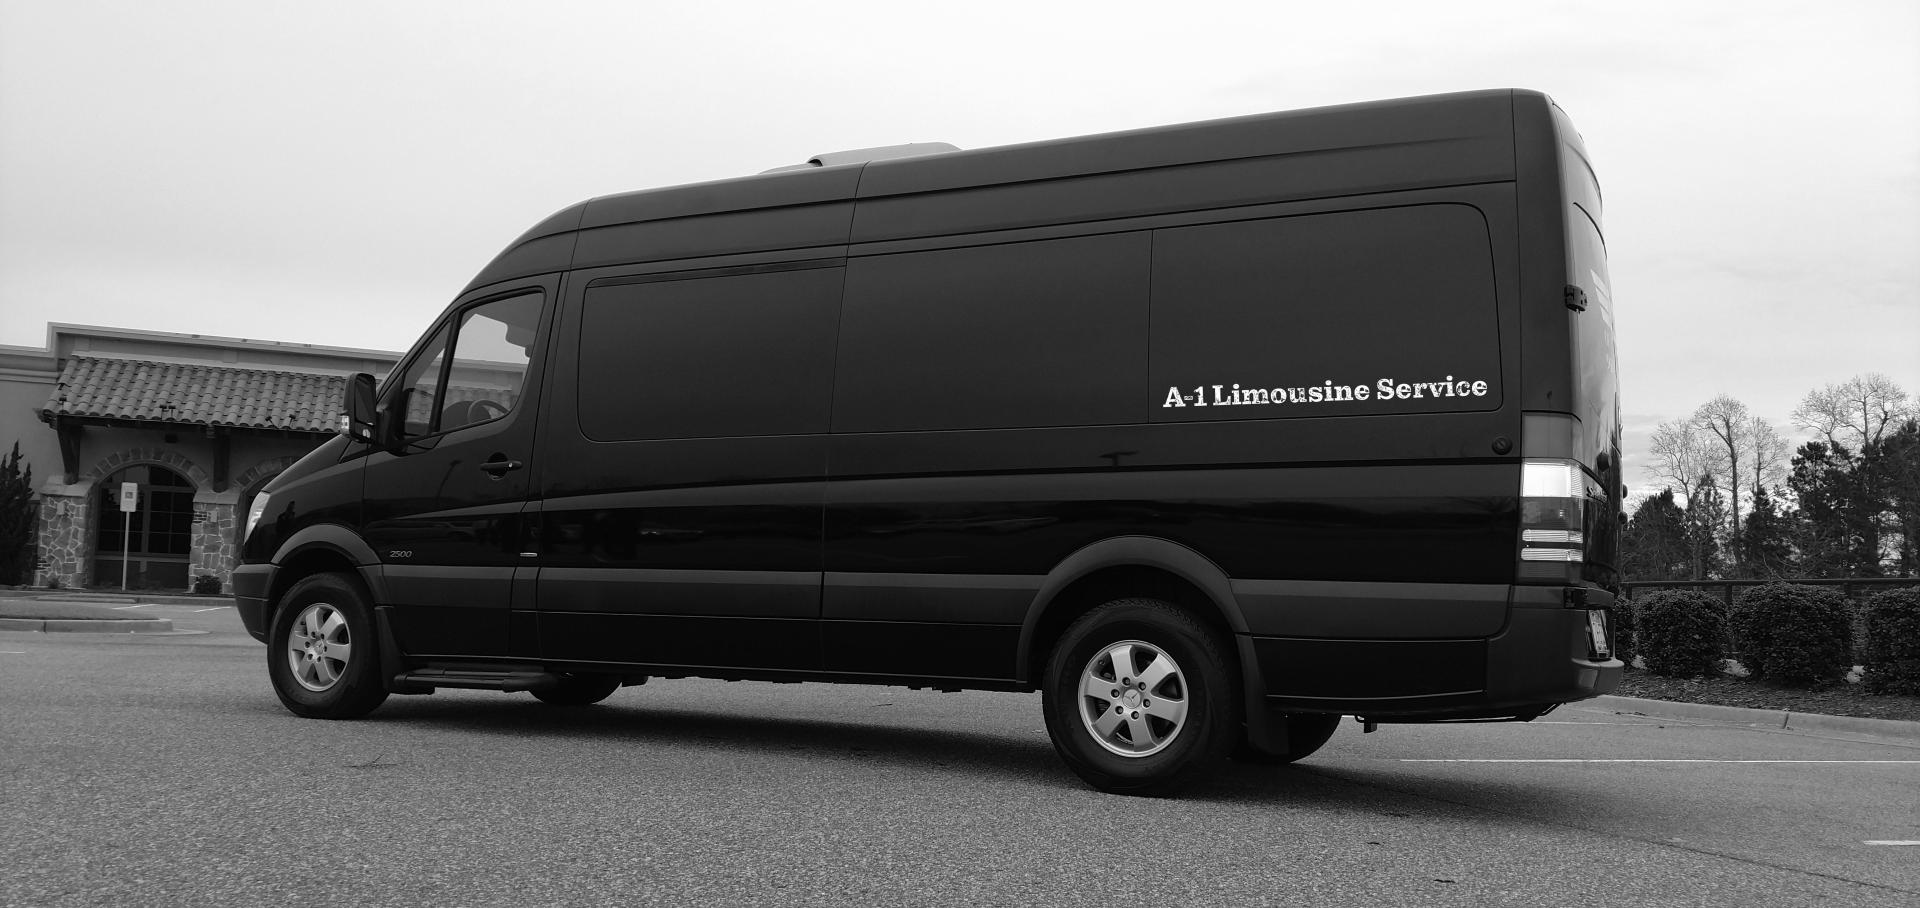 A-1 Limousine Service logo